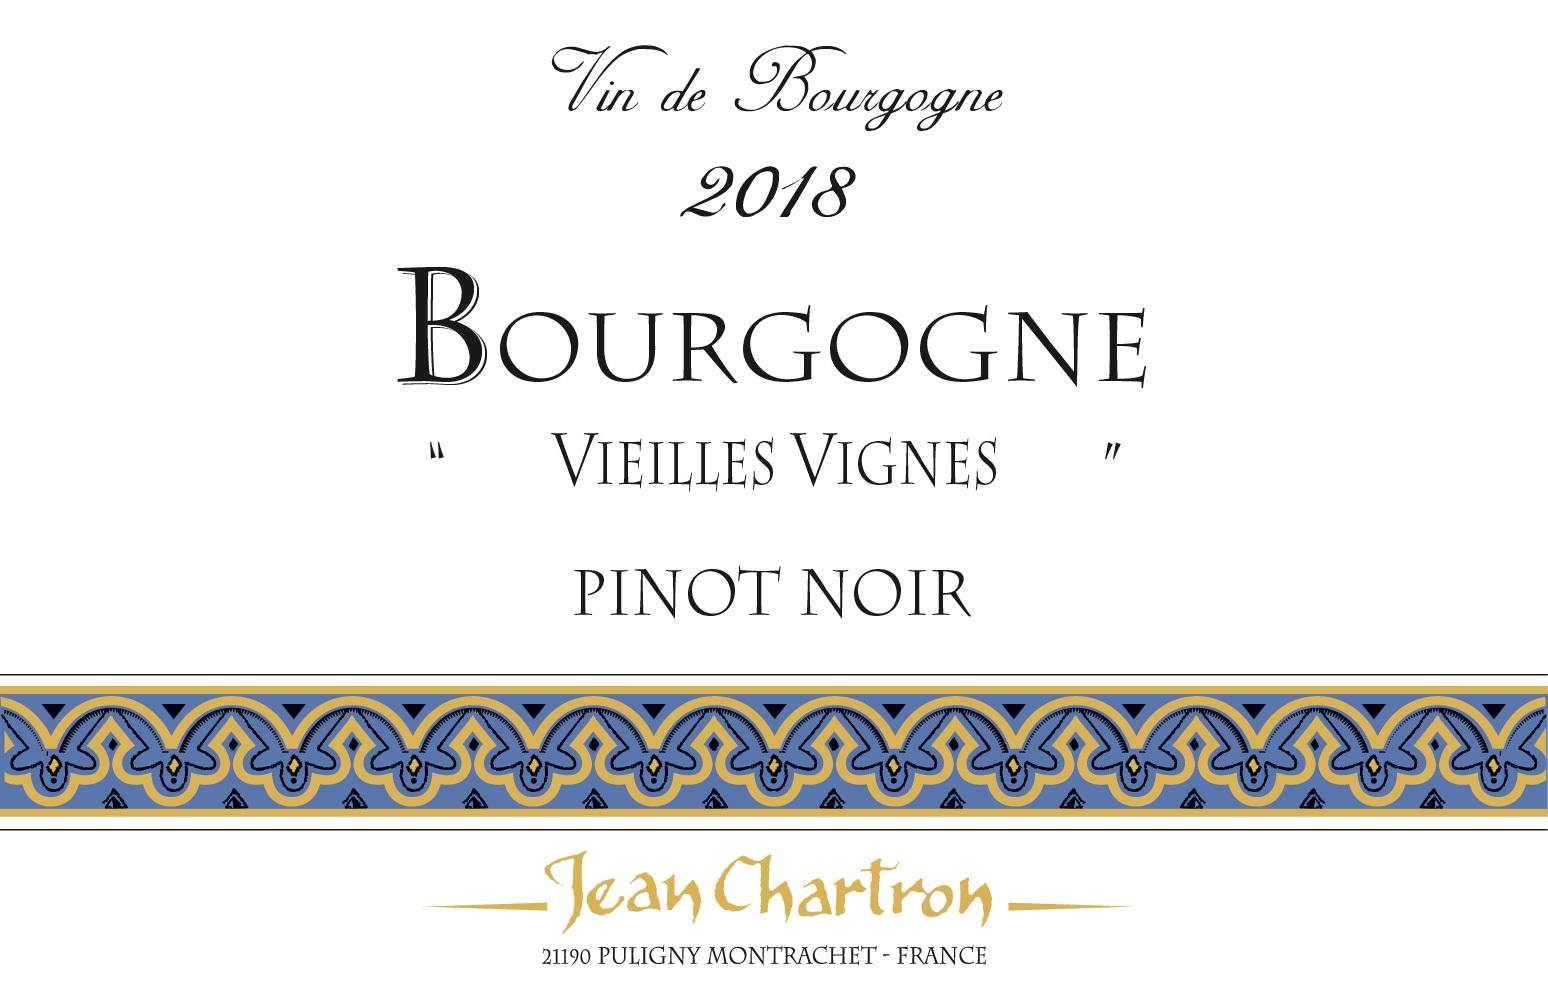 Domaine Jean Chartron Bourgogne Pinot Noir Vieilles Vignes